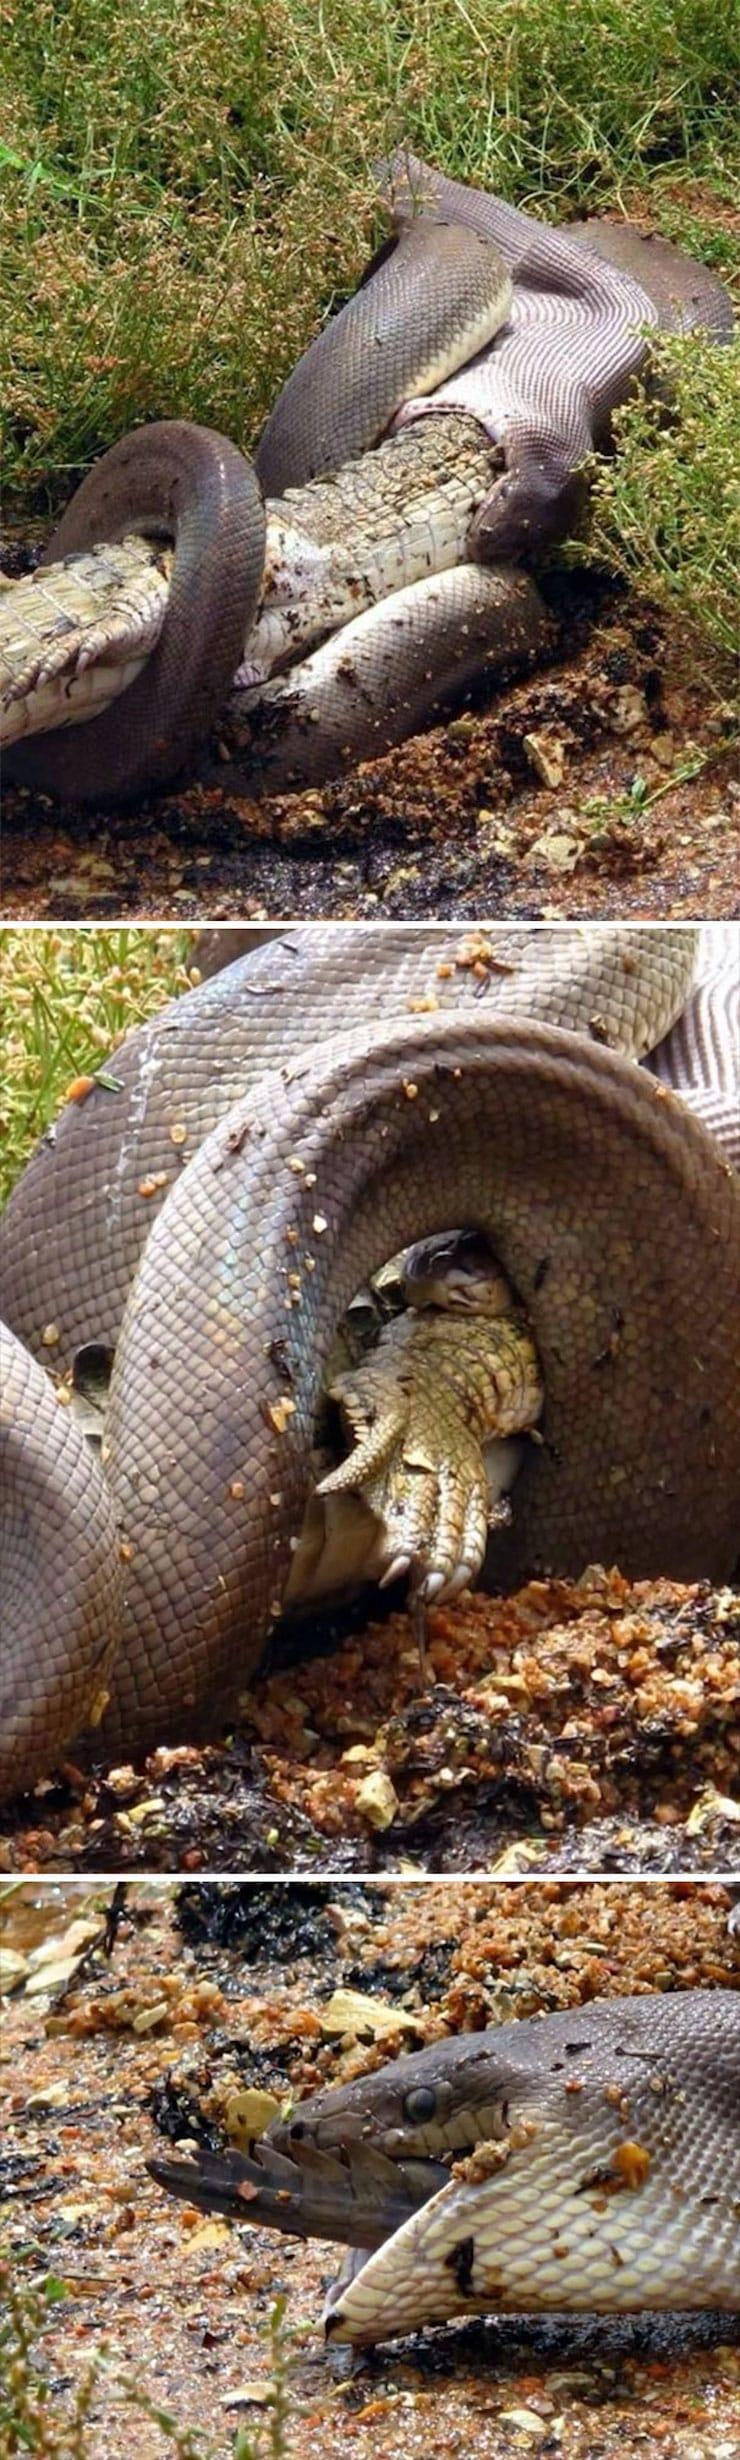 Оливковый питон съел крокодила